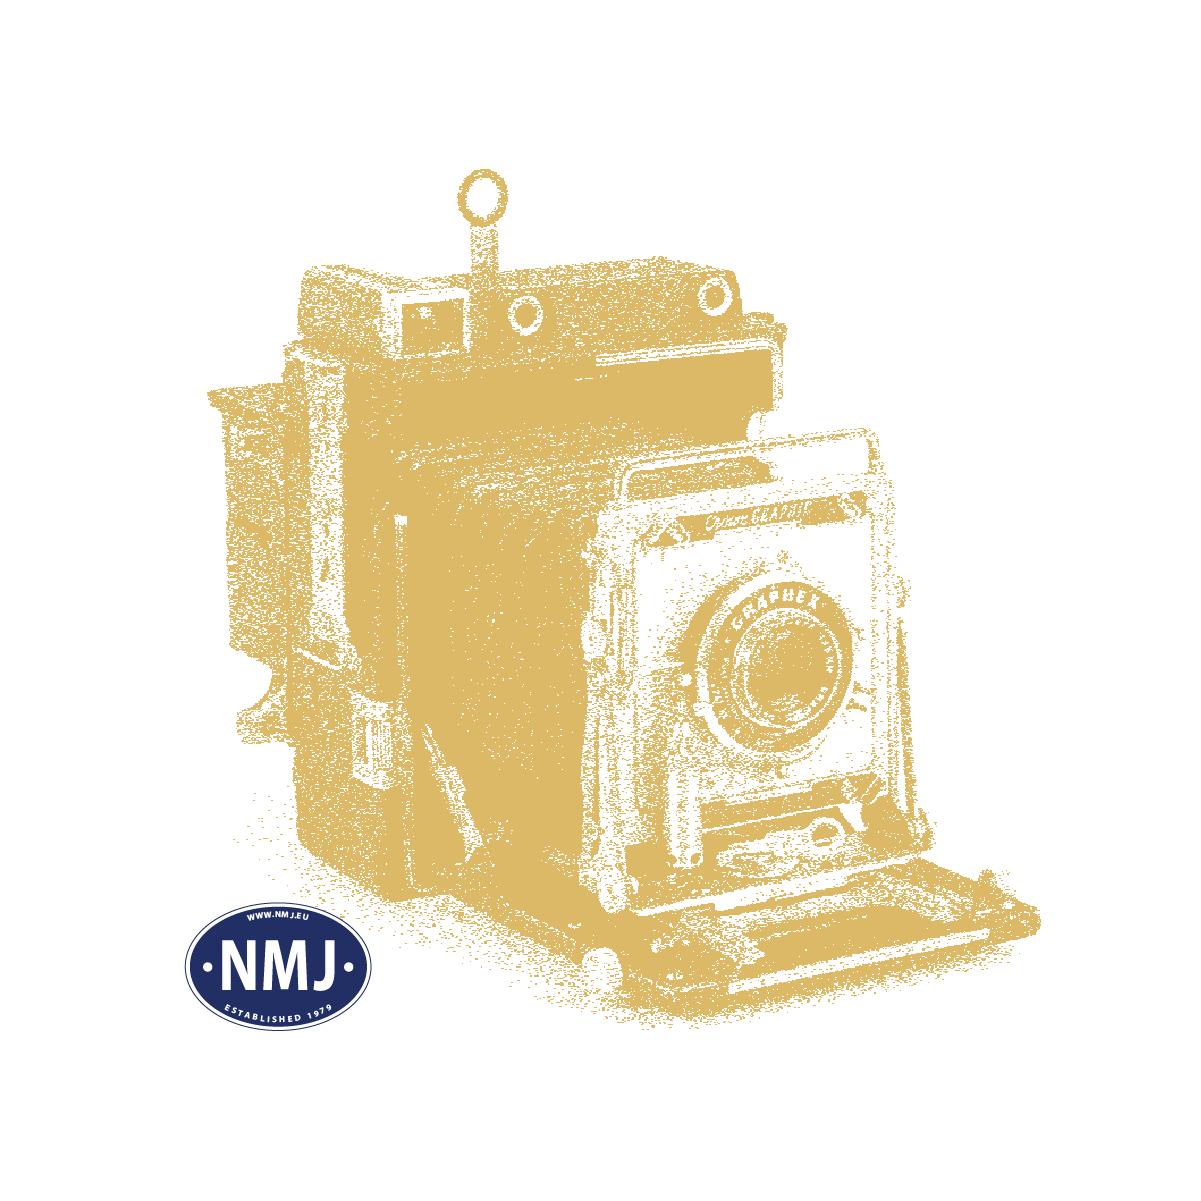 NMJT80.990 - Radachsen für NMJ Topline El17, Version 1, 2 Par (4 Stk.)